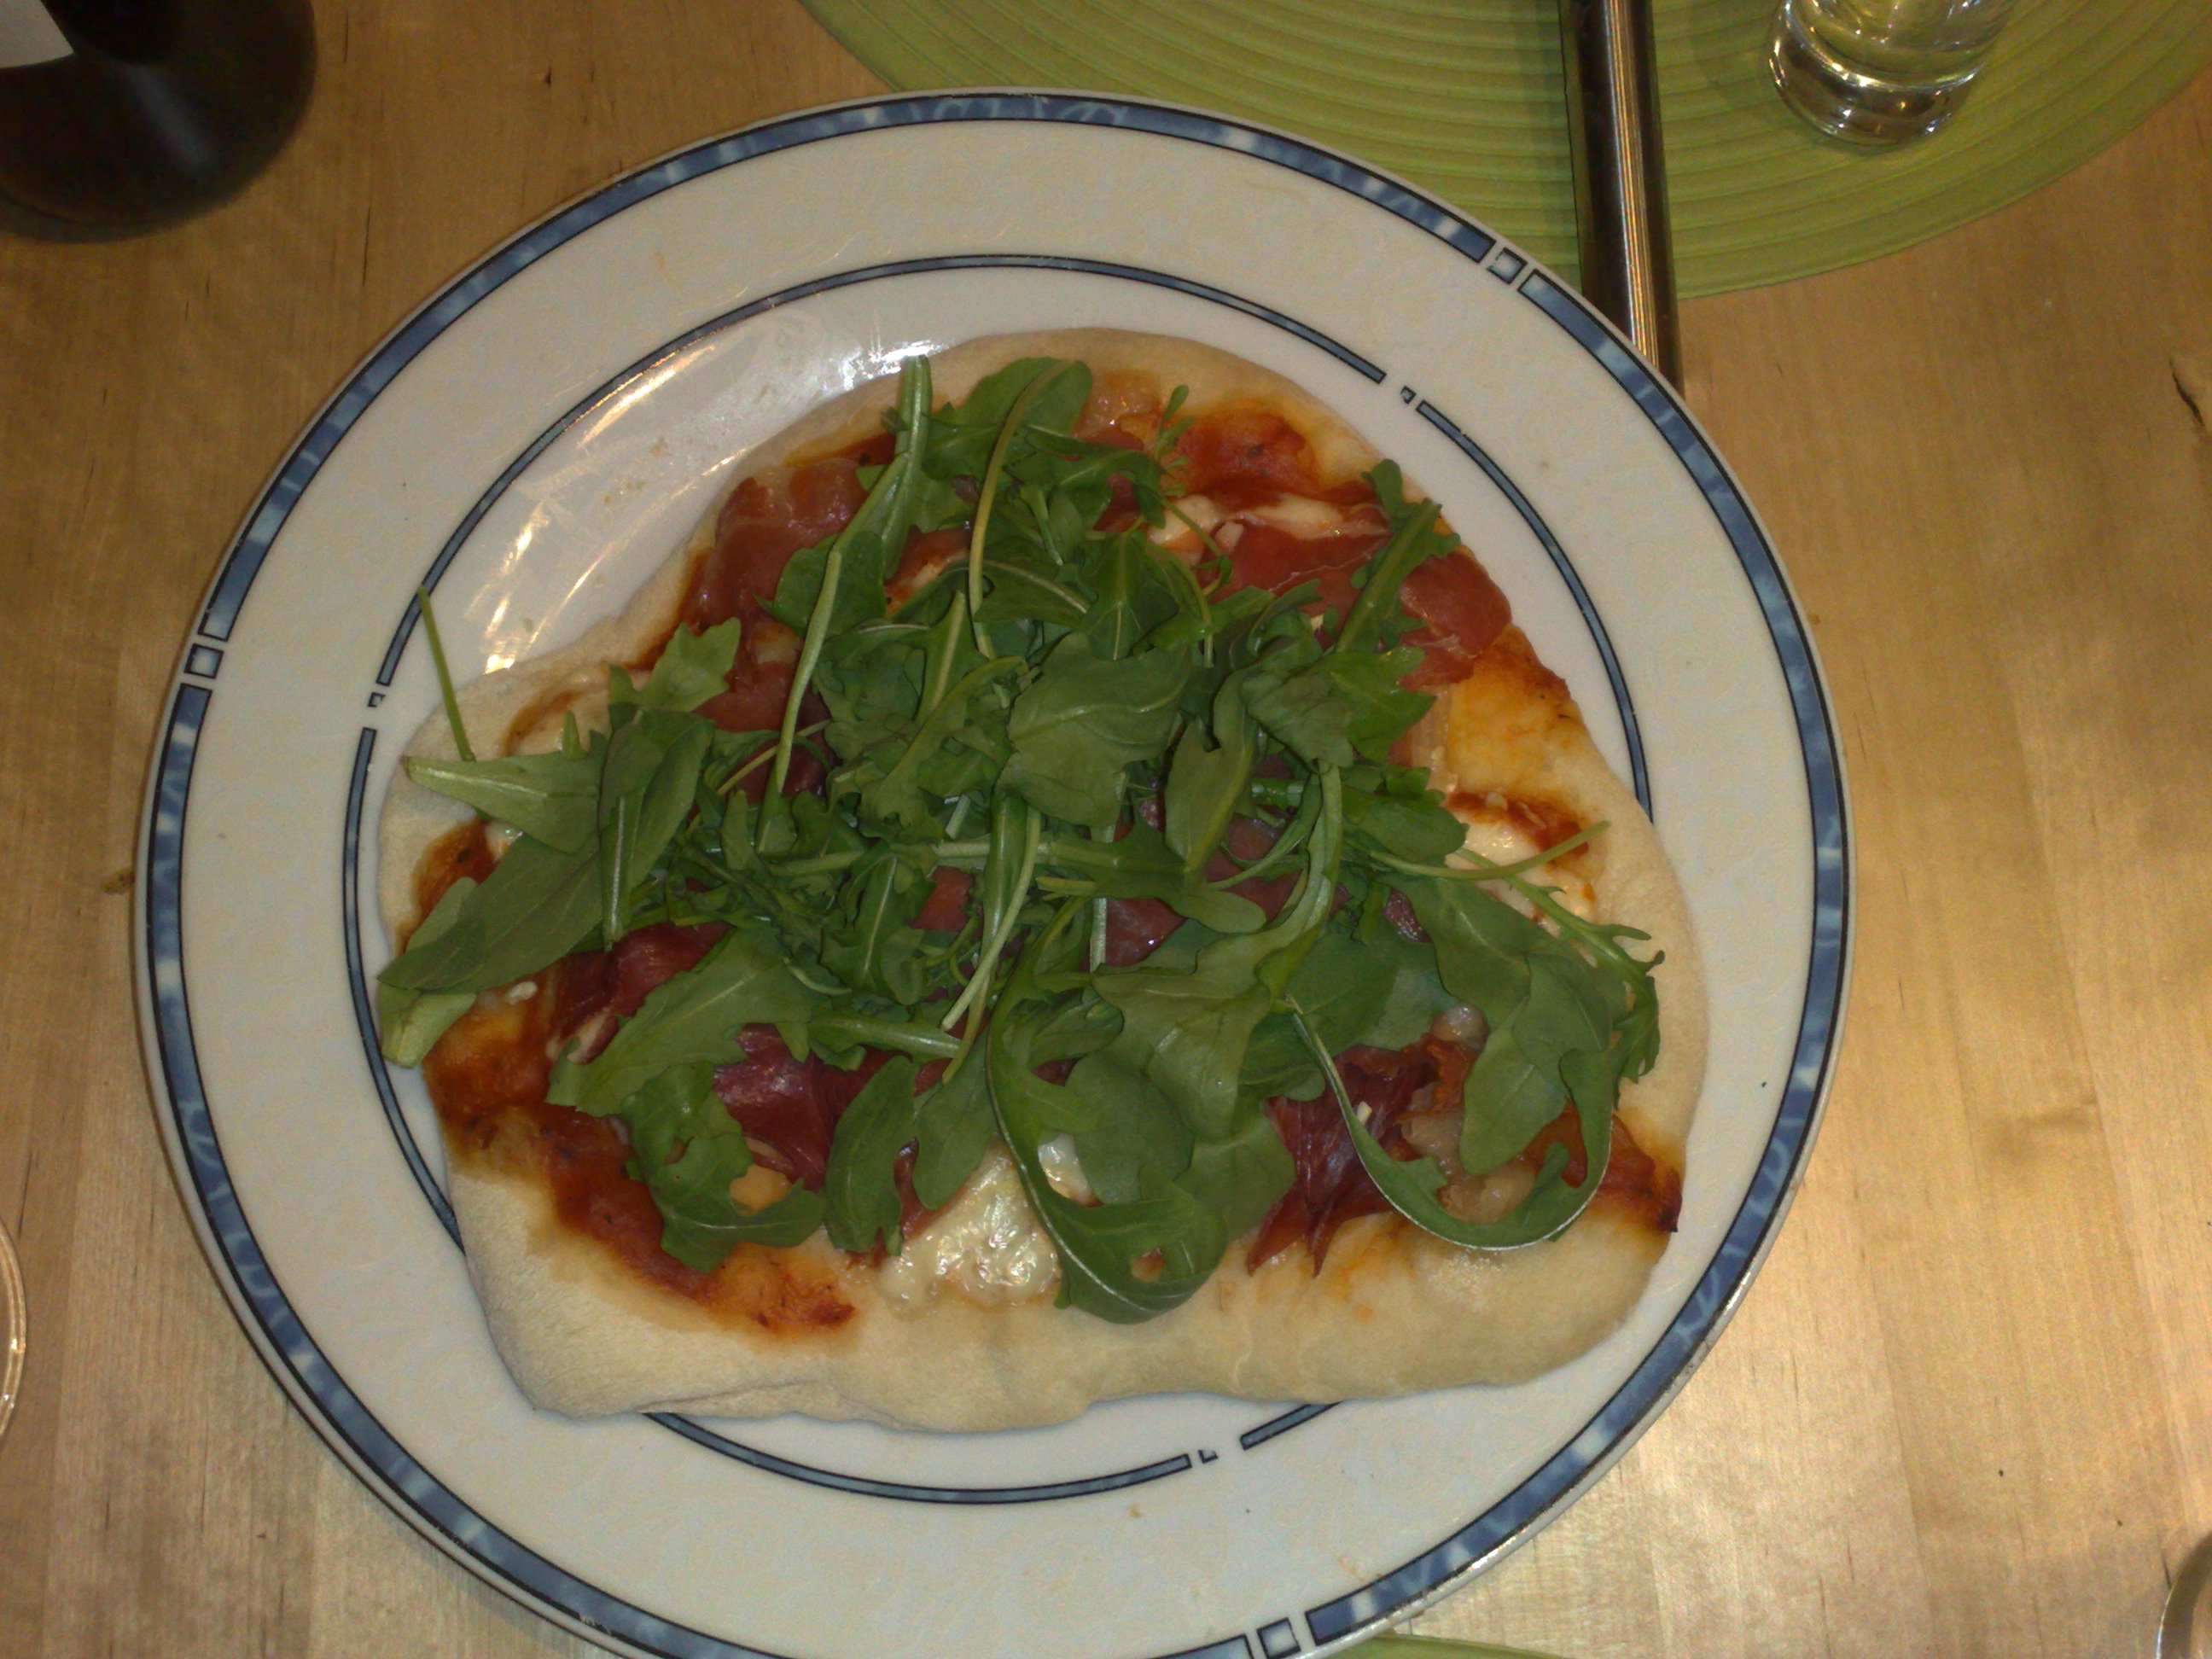 Weber Elektrogrill Pizza Backen : Grillrezepte für pizza ▷ optimiert für weber grills ▷ weststyle